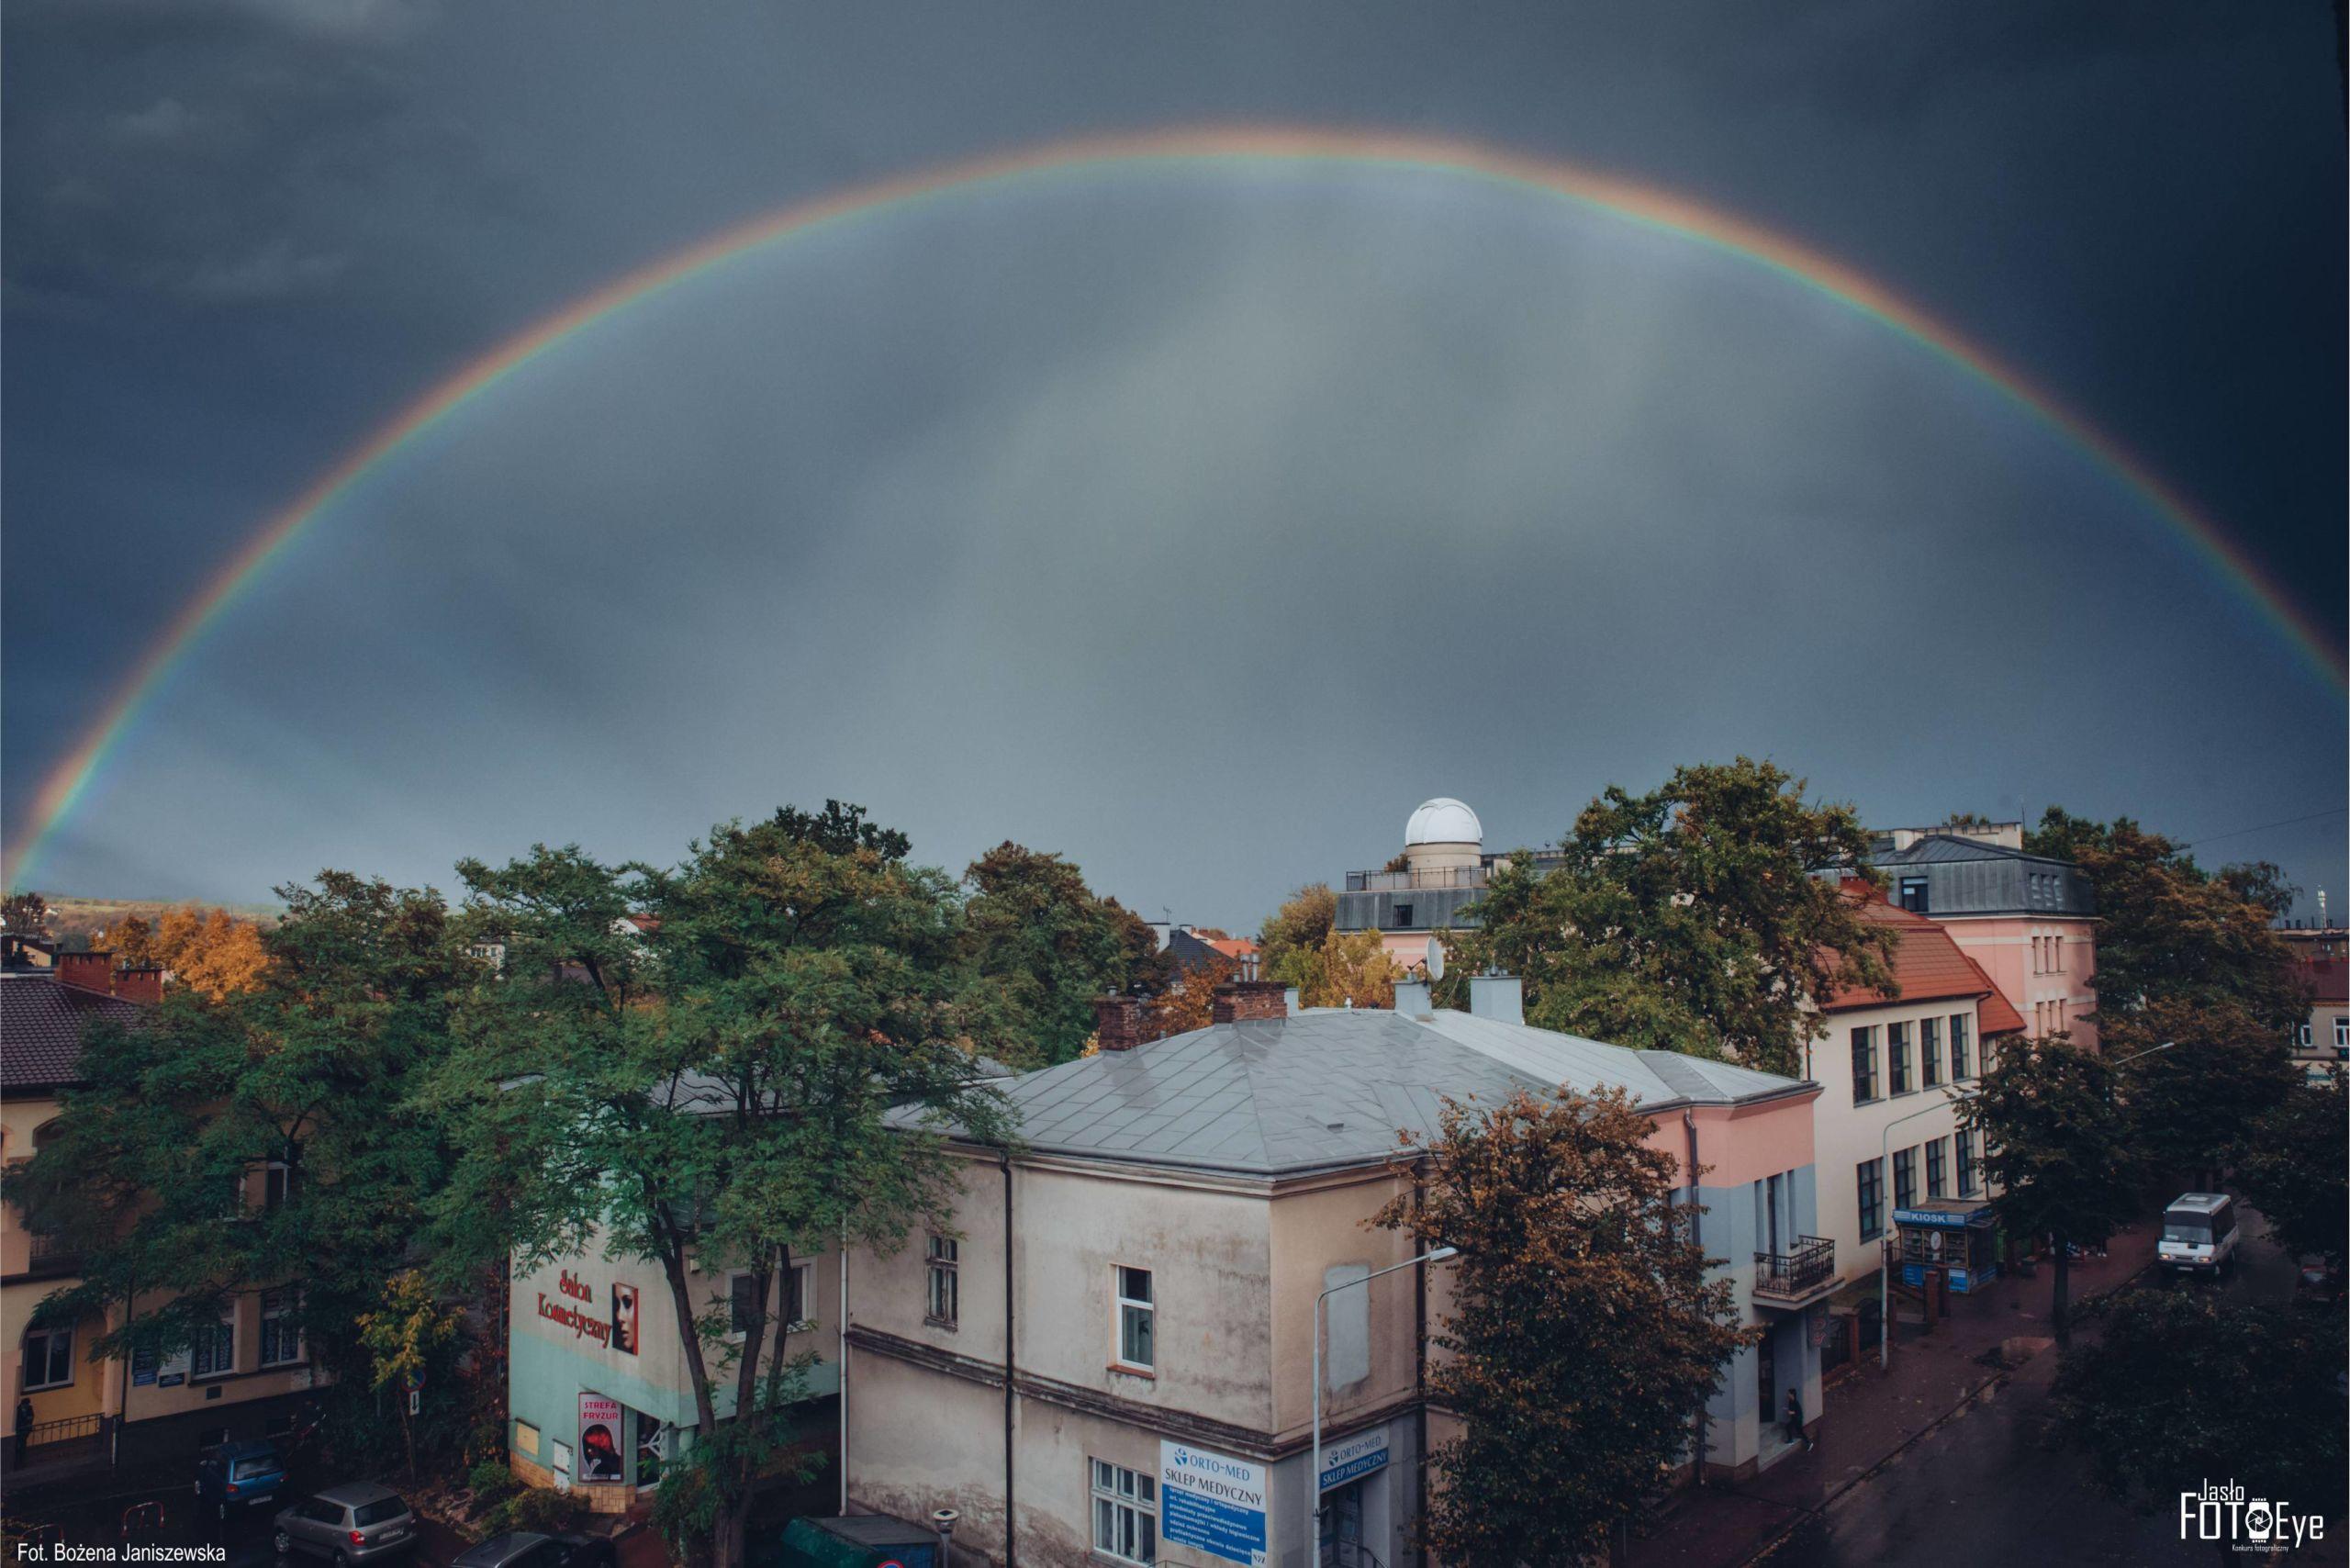 Zdjęcie czerwca zdjęcie z tęczą nad obserwatorium, wykonane przez Bożenę